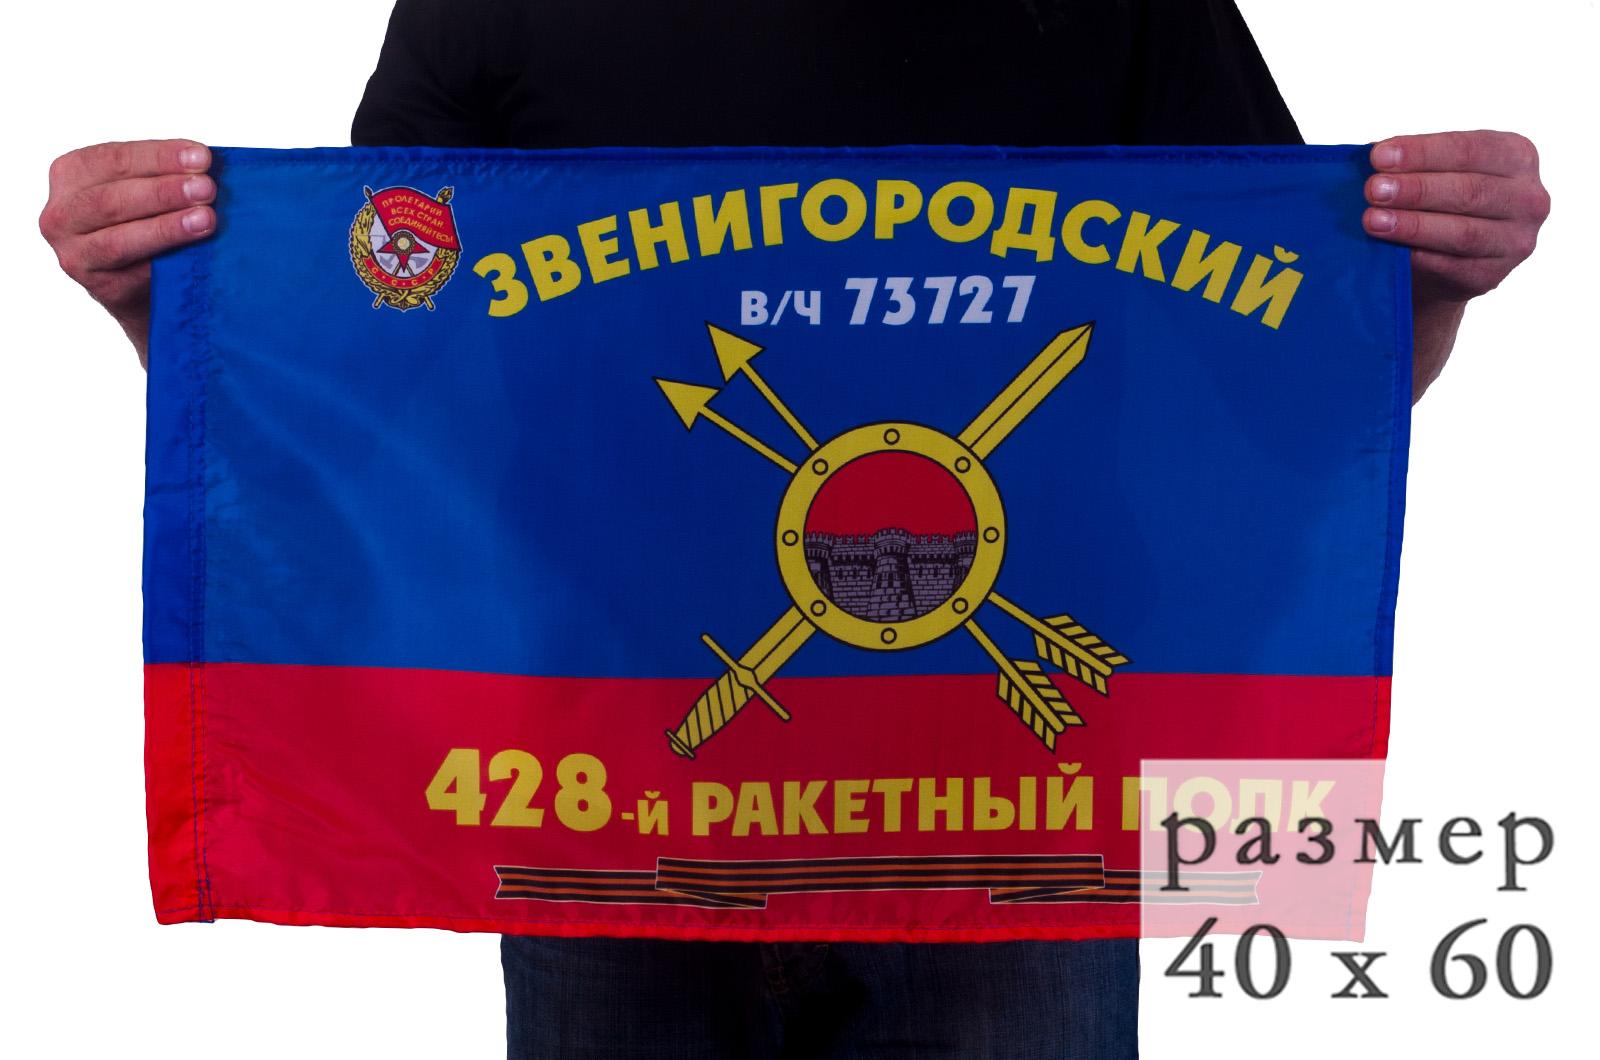 Флаг 428-го полка РВСН